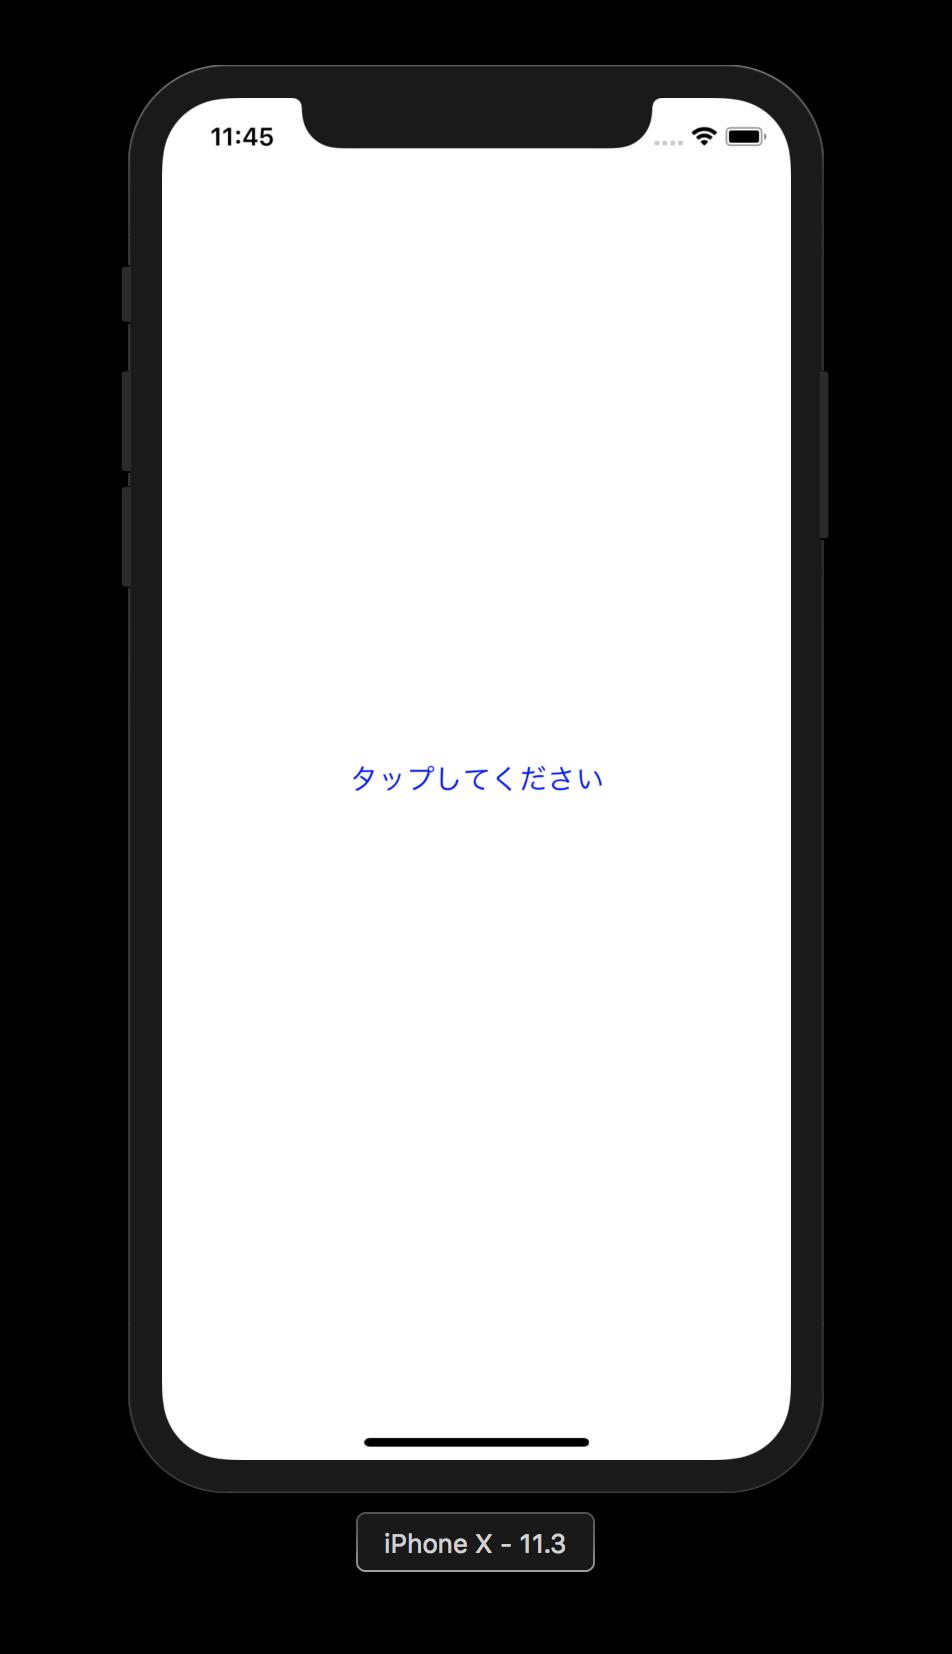 スクリーンショット 2018-05-23 11.45.12.png